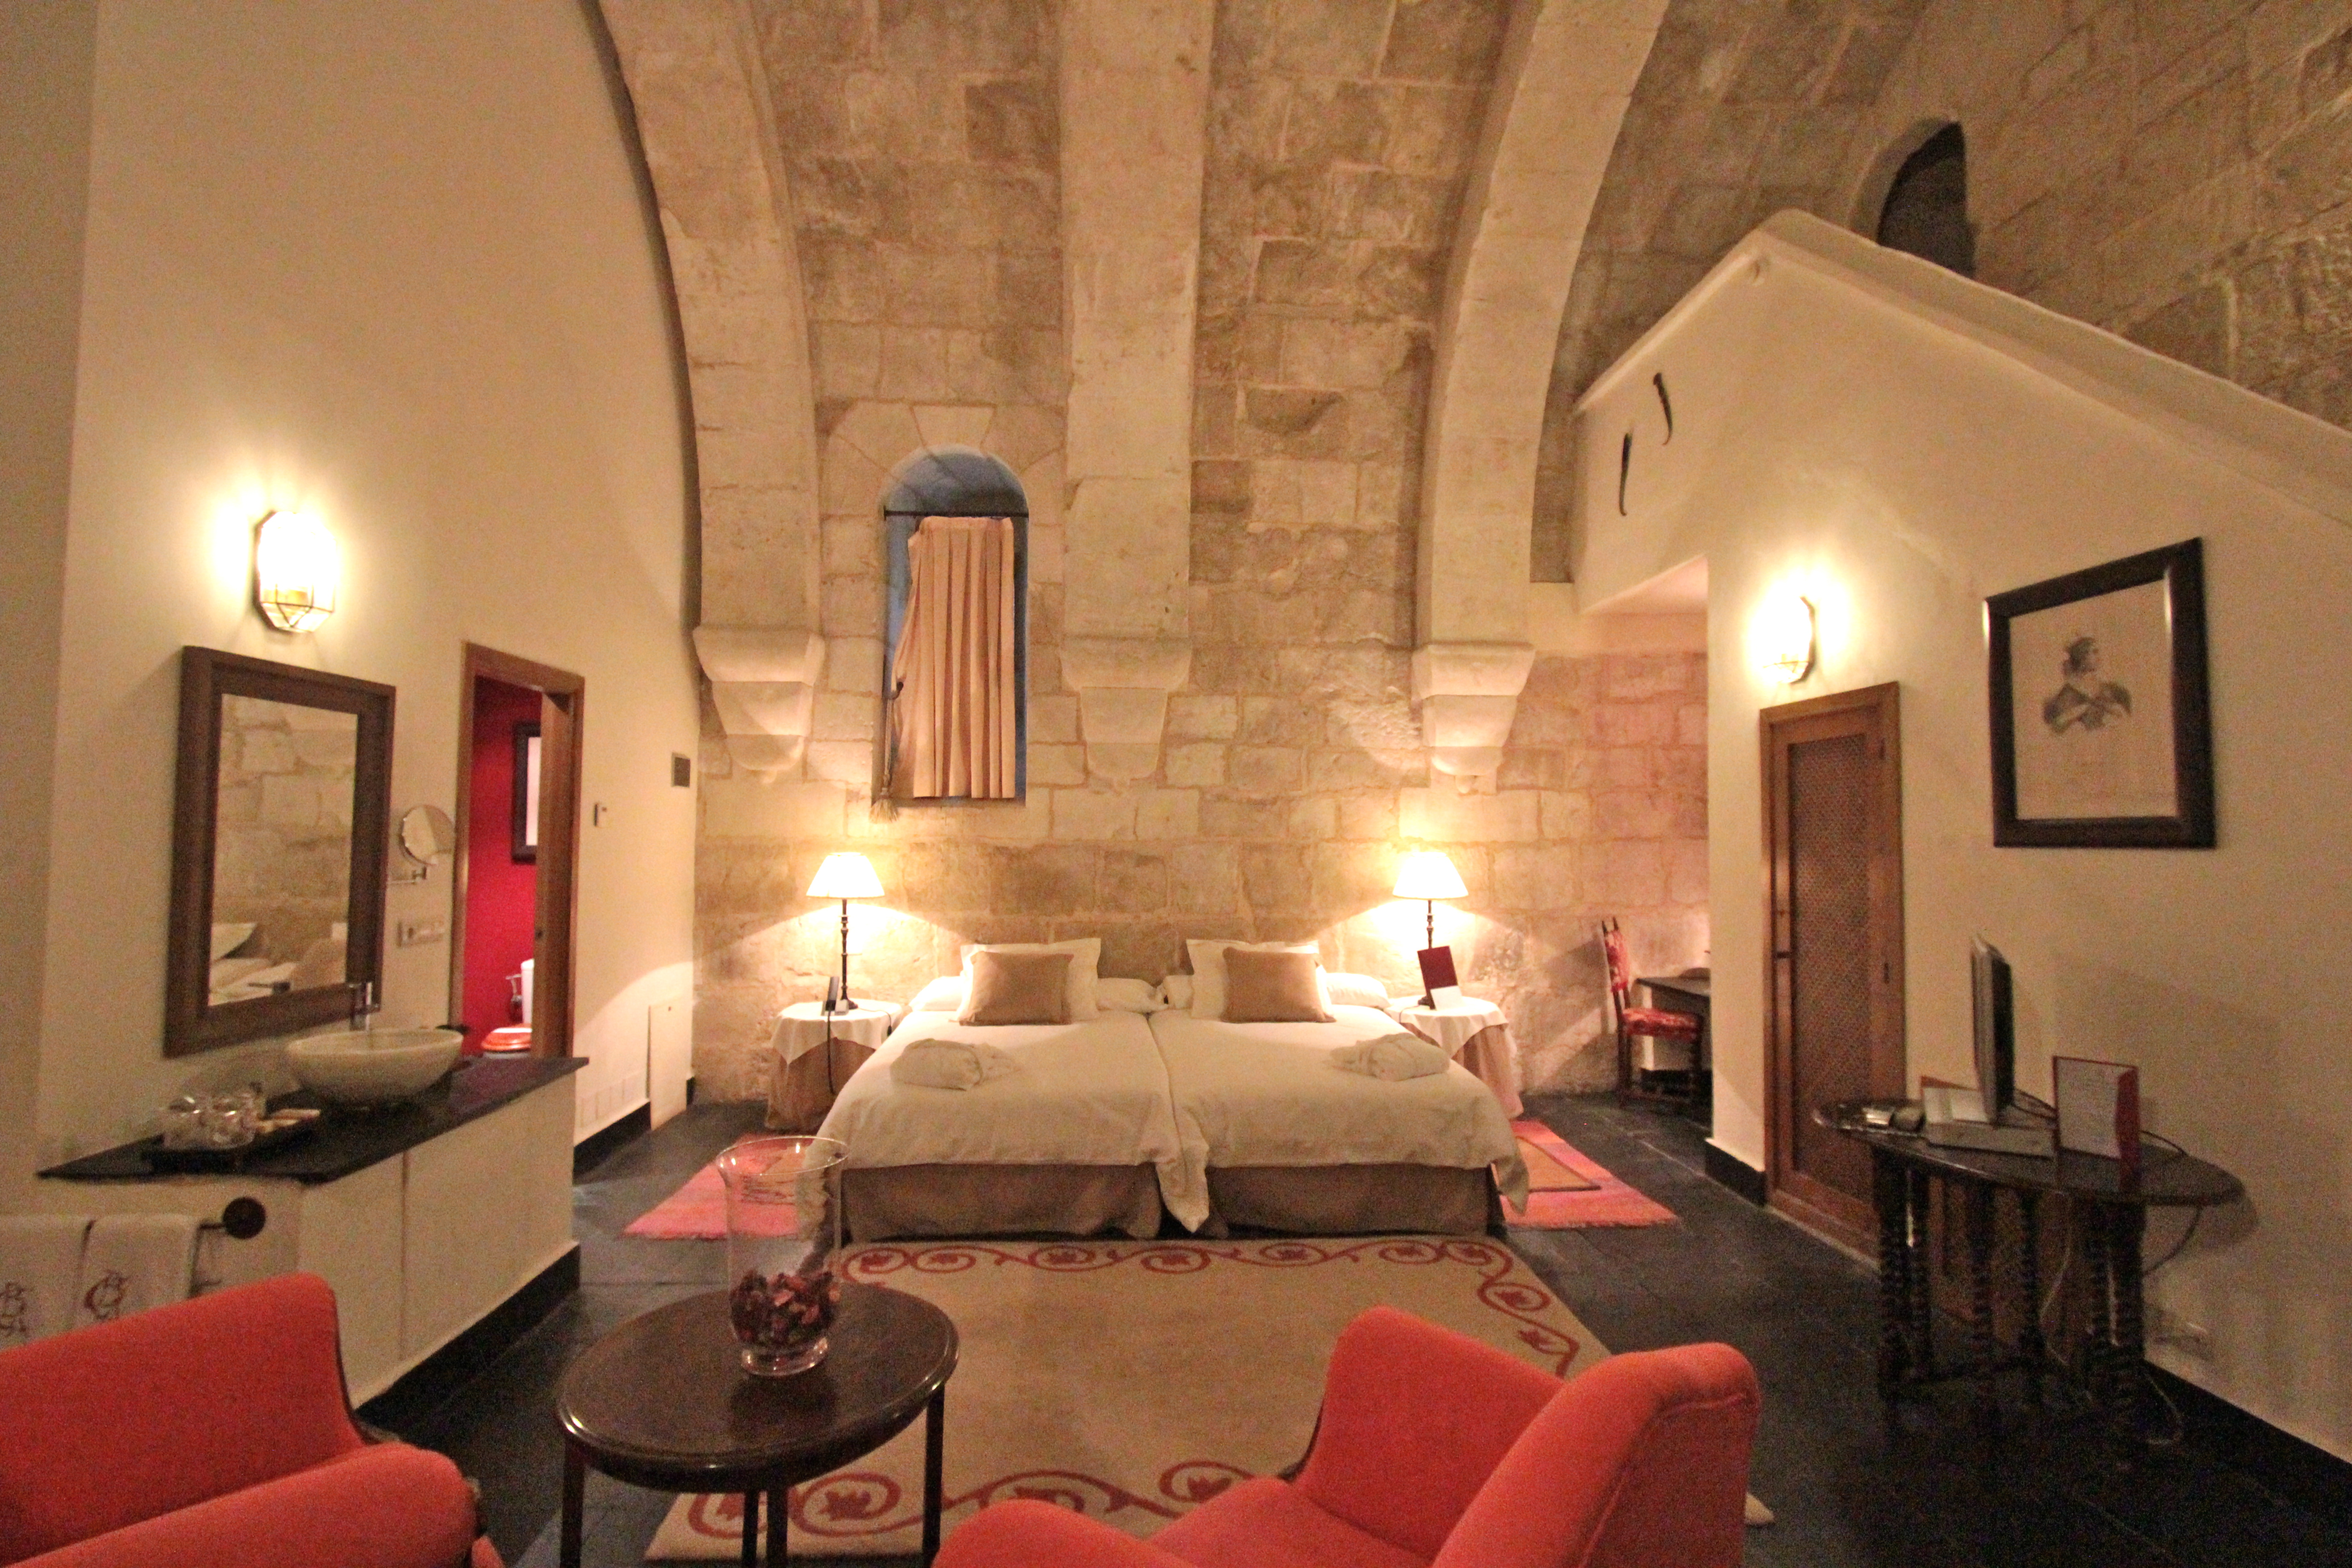 Habitaciones nicas y especiales la gran suite feudal for Habitaciones especiales